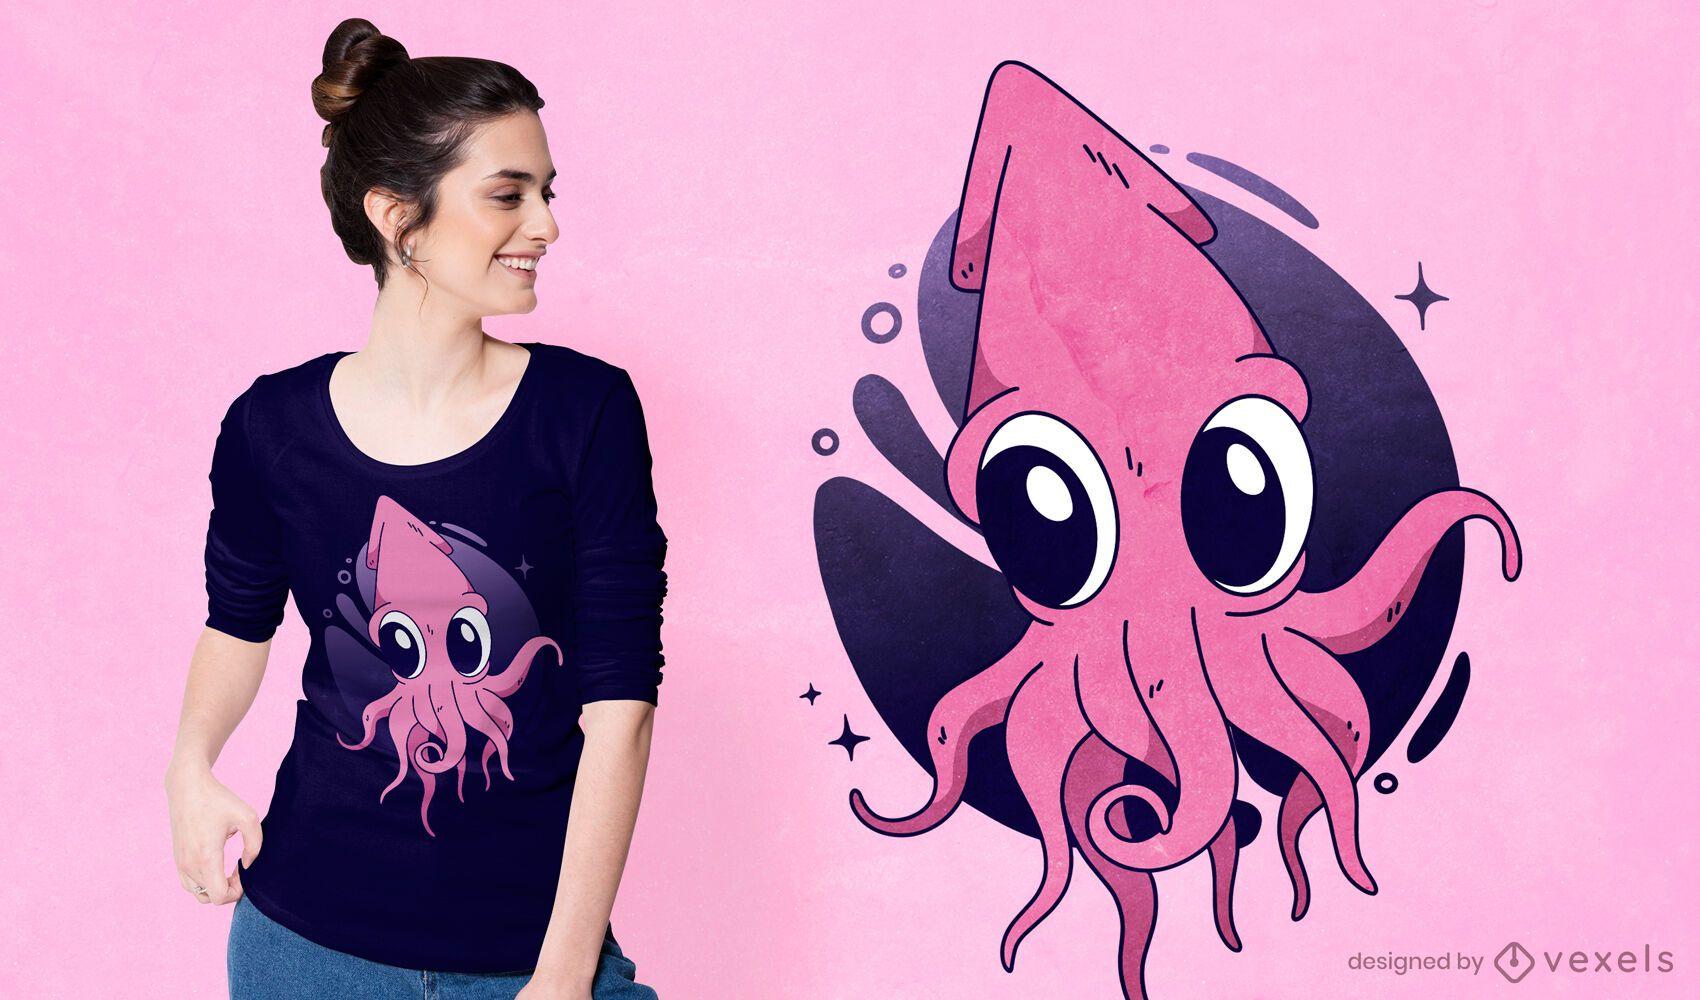 Cute squid t-shirt design